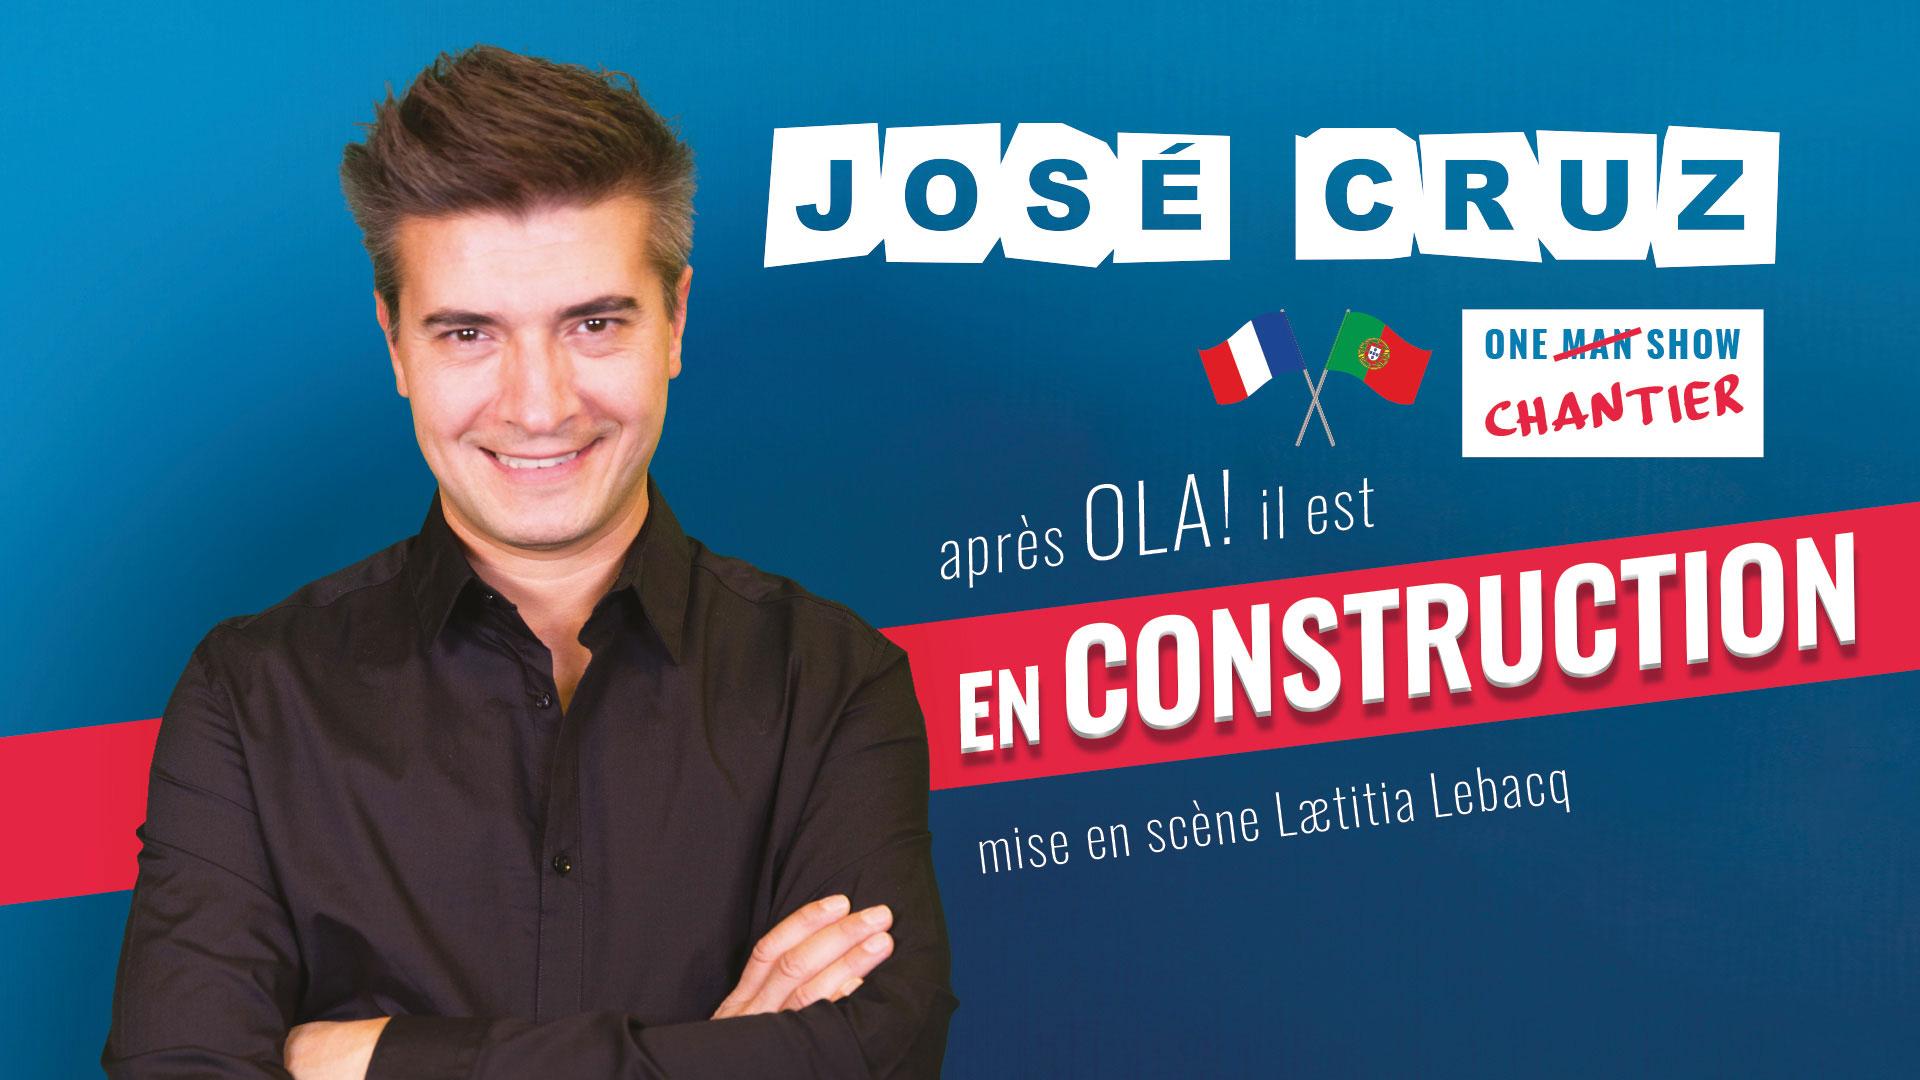 Visuel du spectacle En construction de José Cruz pour réseaux sociaux